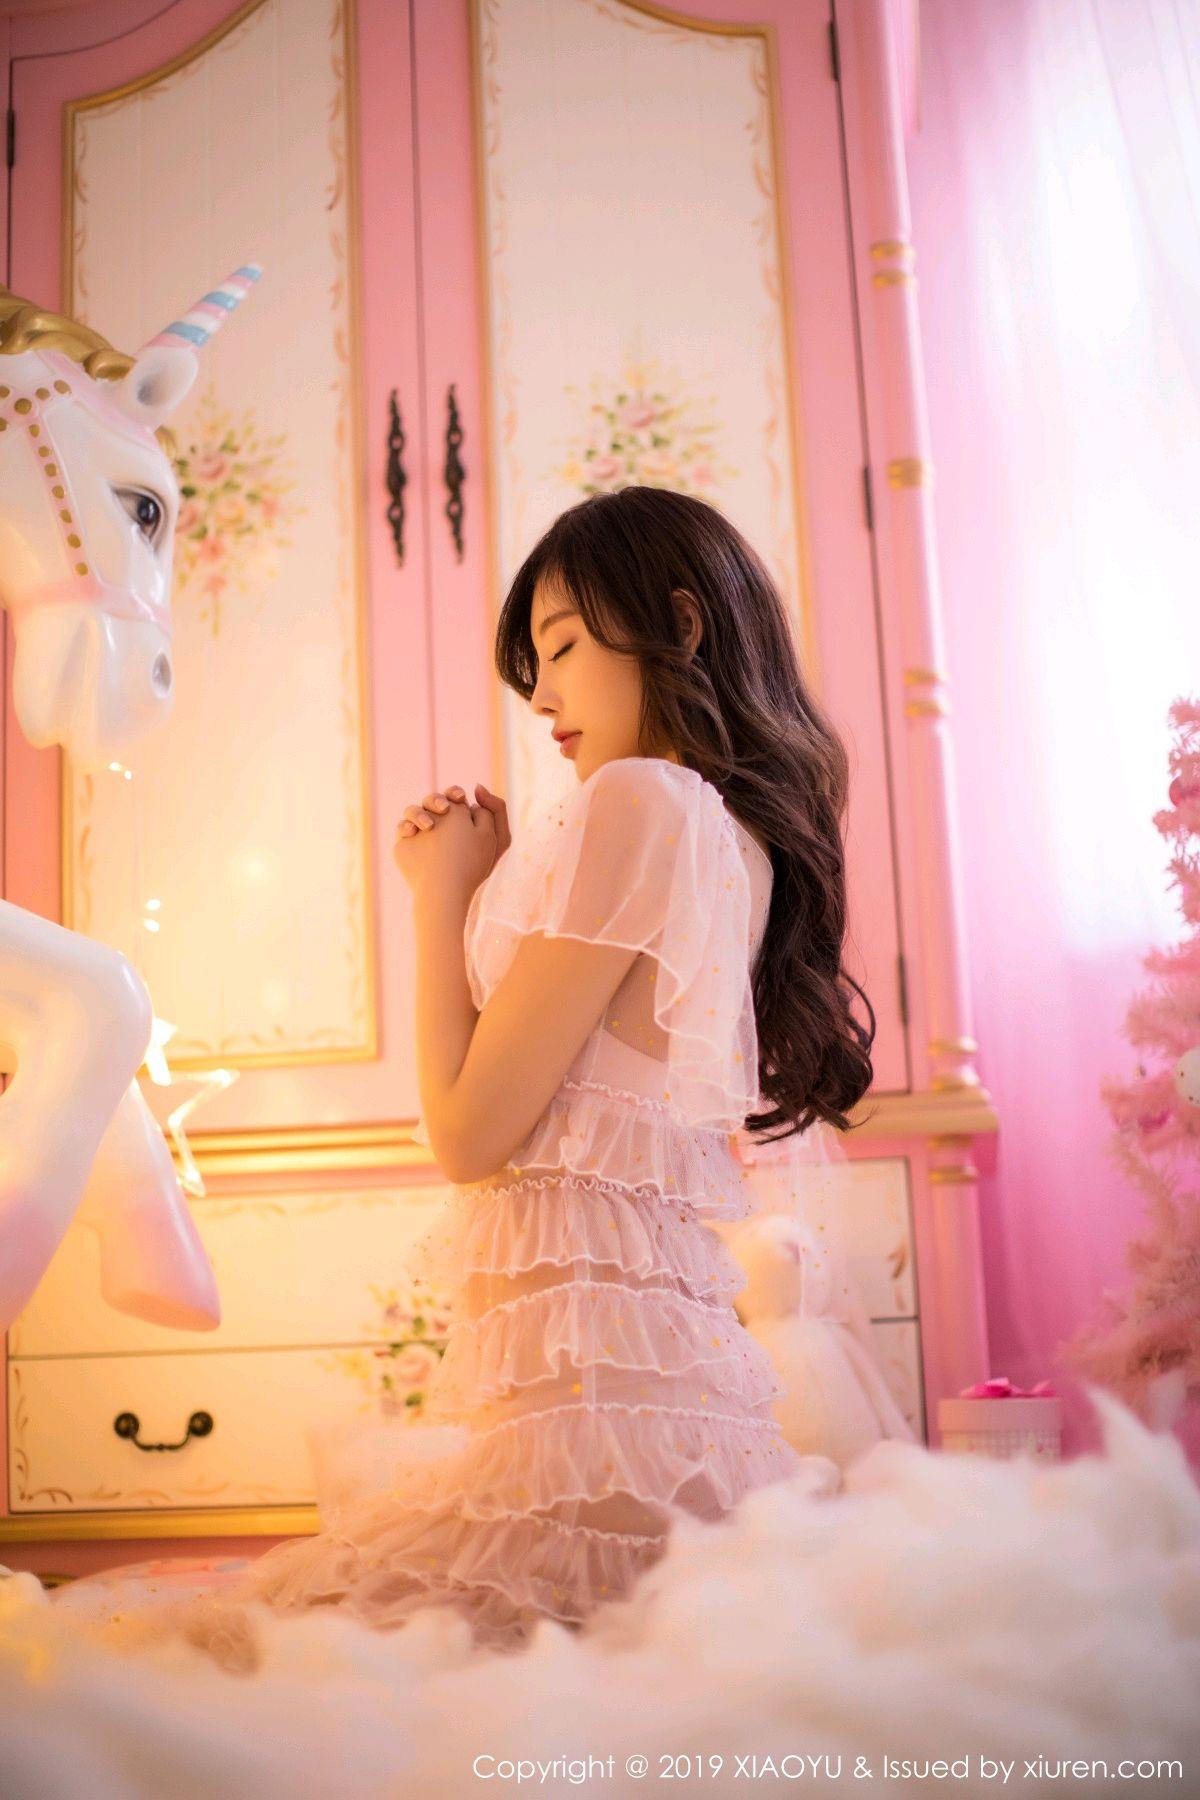 [XiaoYu] Vol.059 Christmas Theme 4P, Christmas, Underwear, XiaoYu, Yang Chen Chen